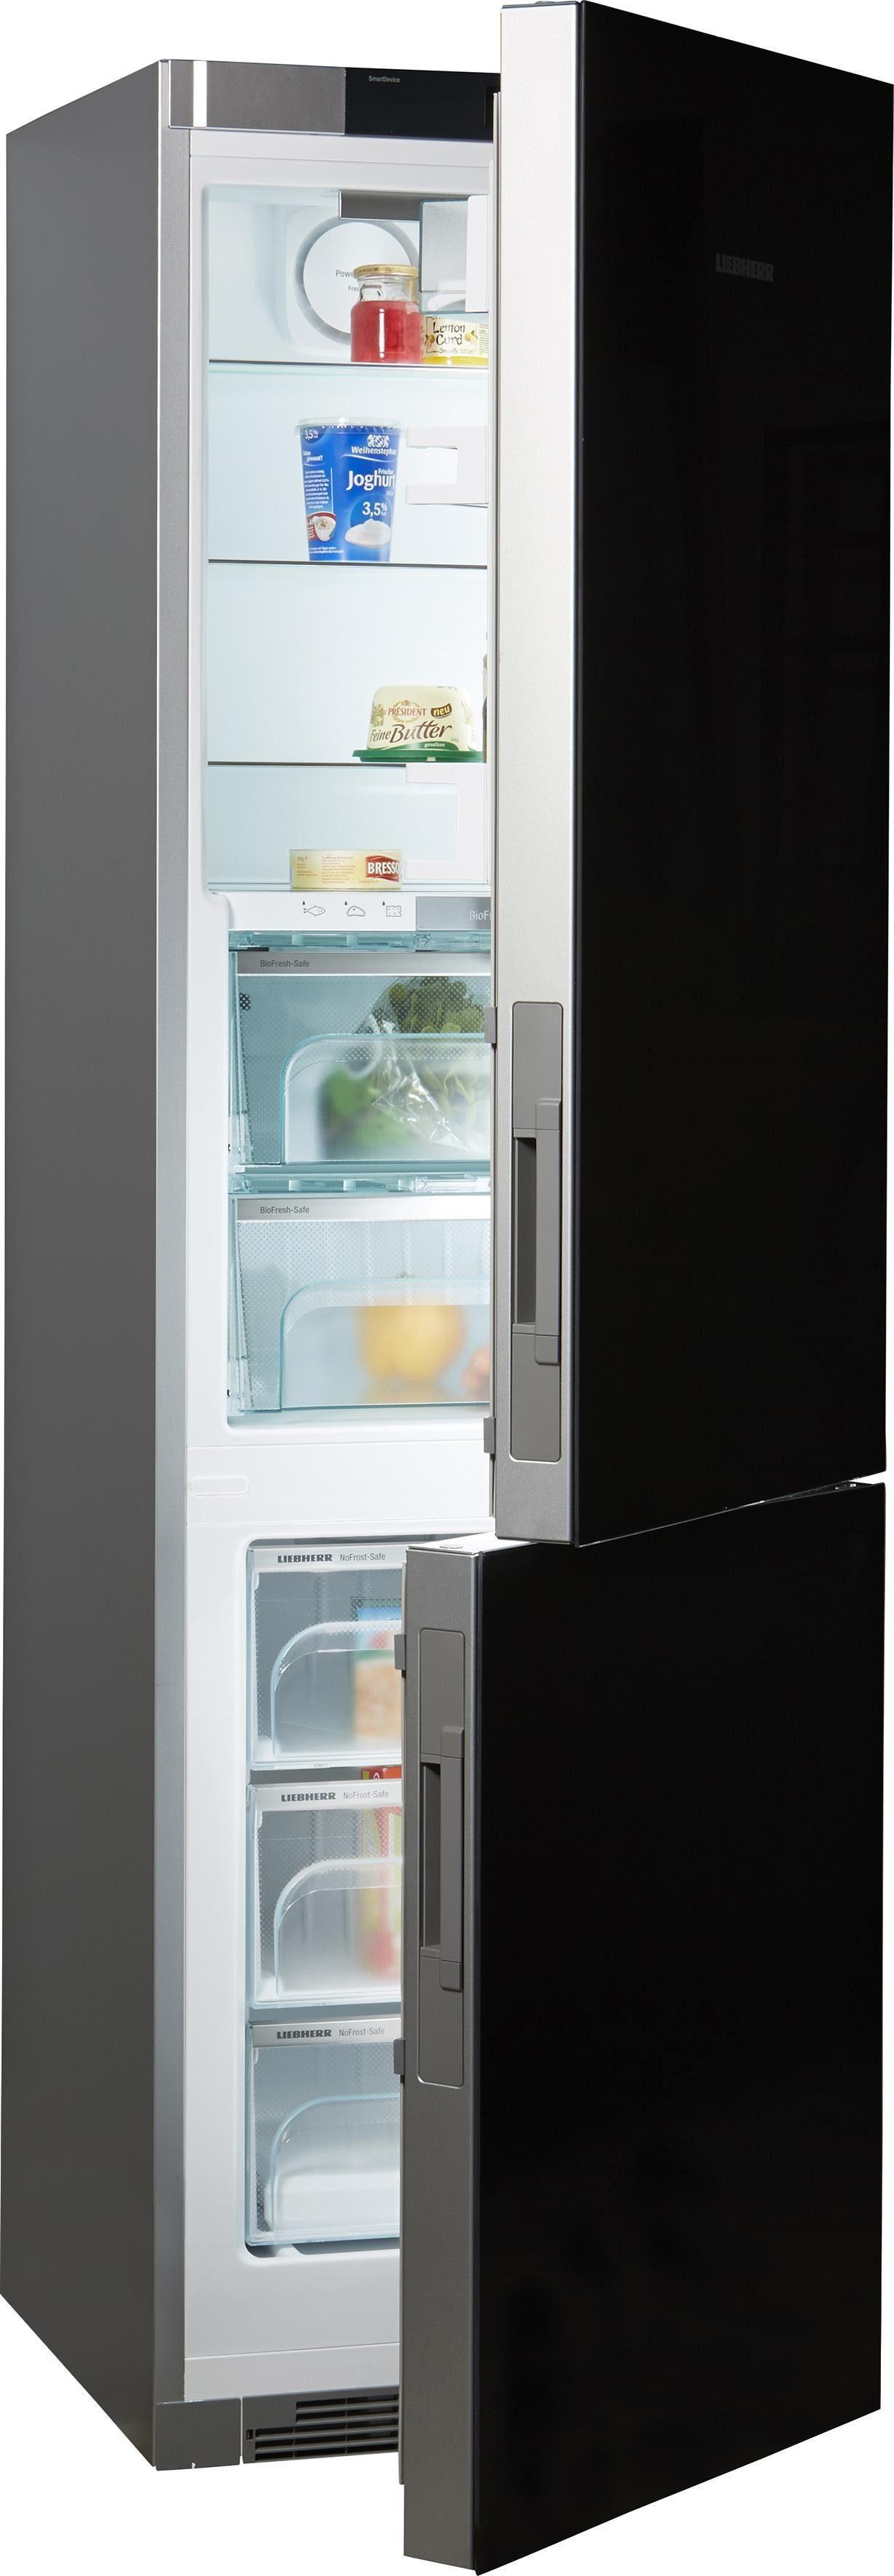 Liebherr Kühl-Gefrier-Kombination CBNigb 4855-20, A+++, 201 cm hoch, No Frost